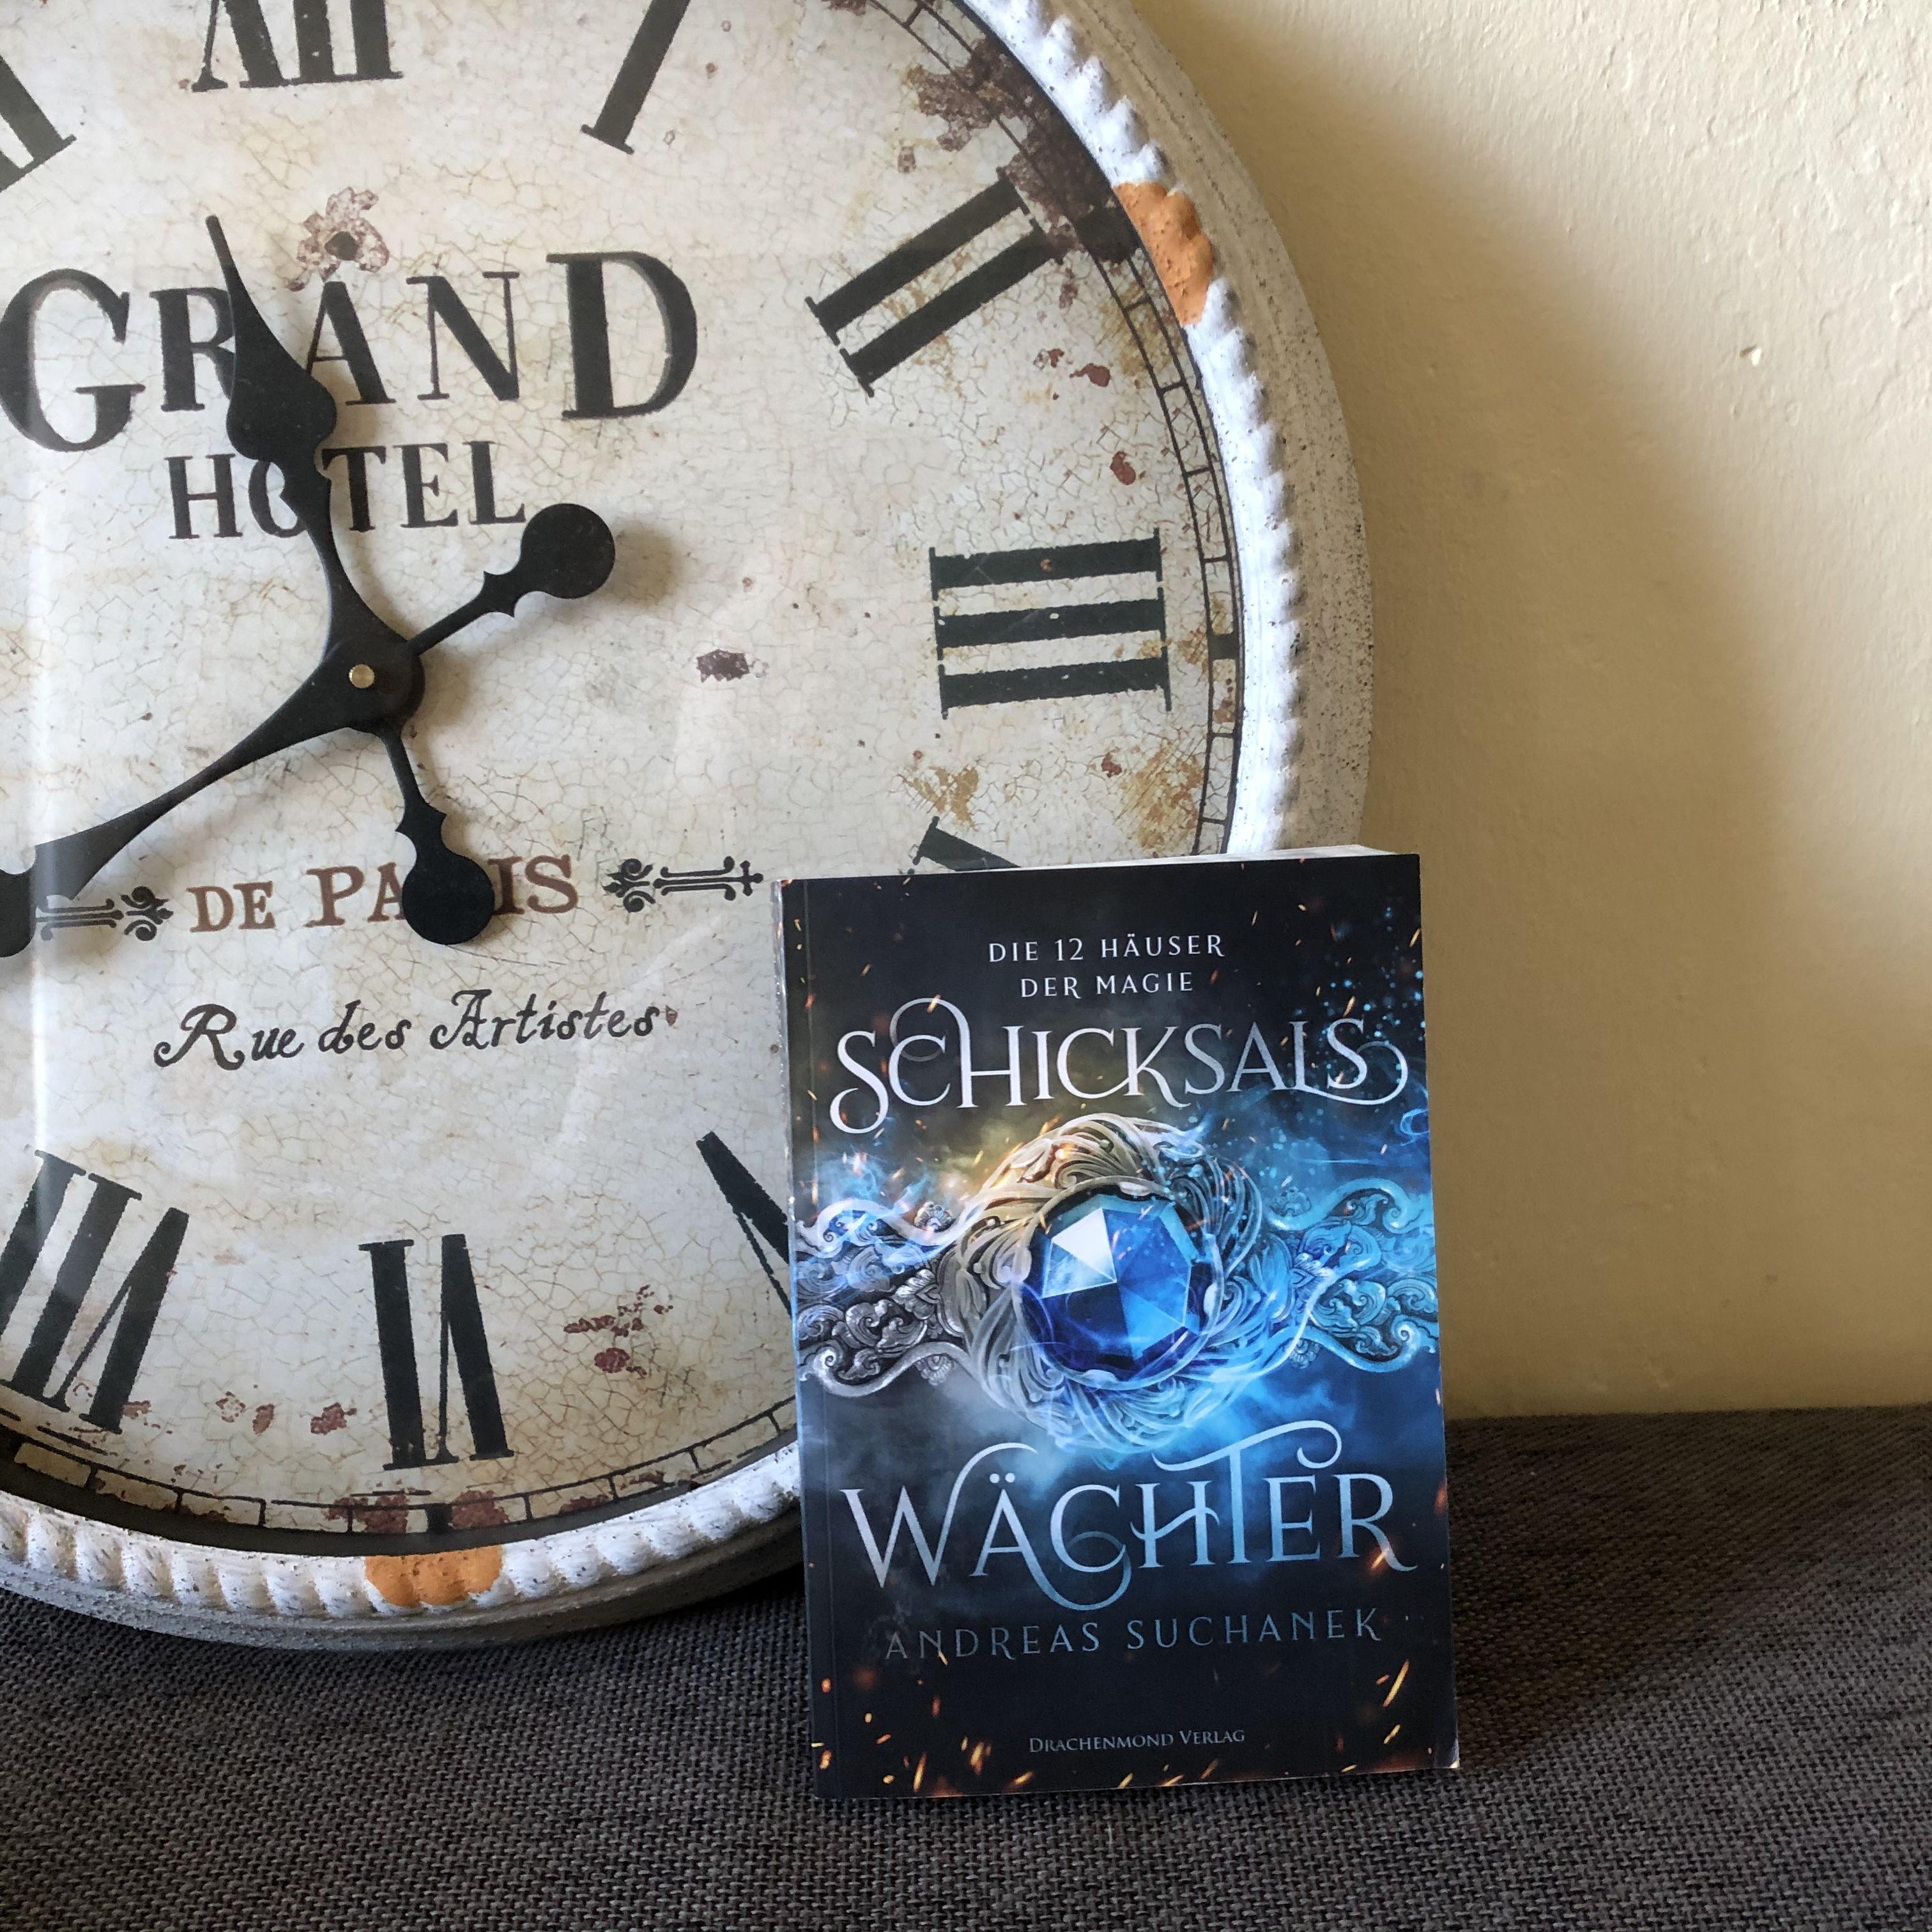 Die 12 Häuser der Magie - Schicksalswächter von Andreas Suchanek - Drachenmond Verlag